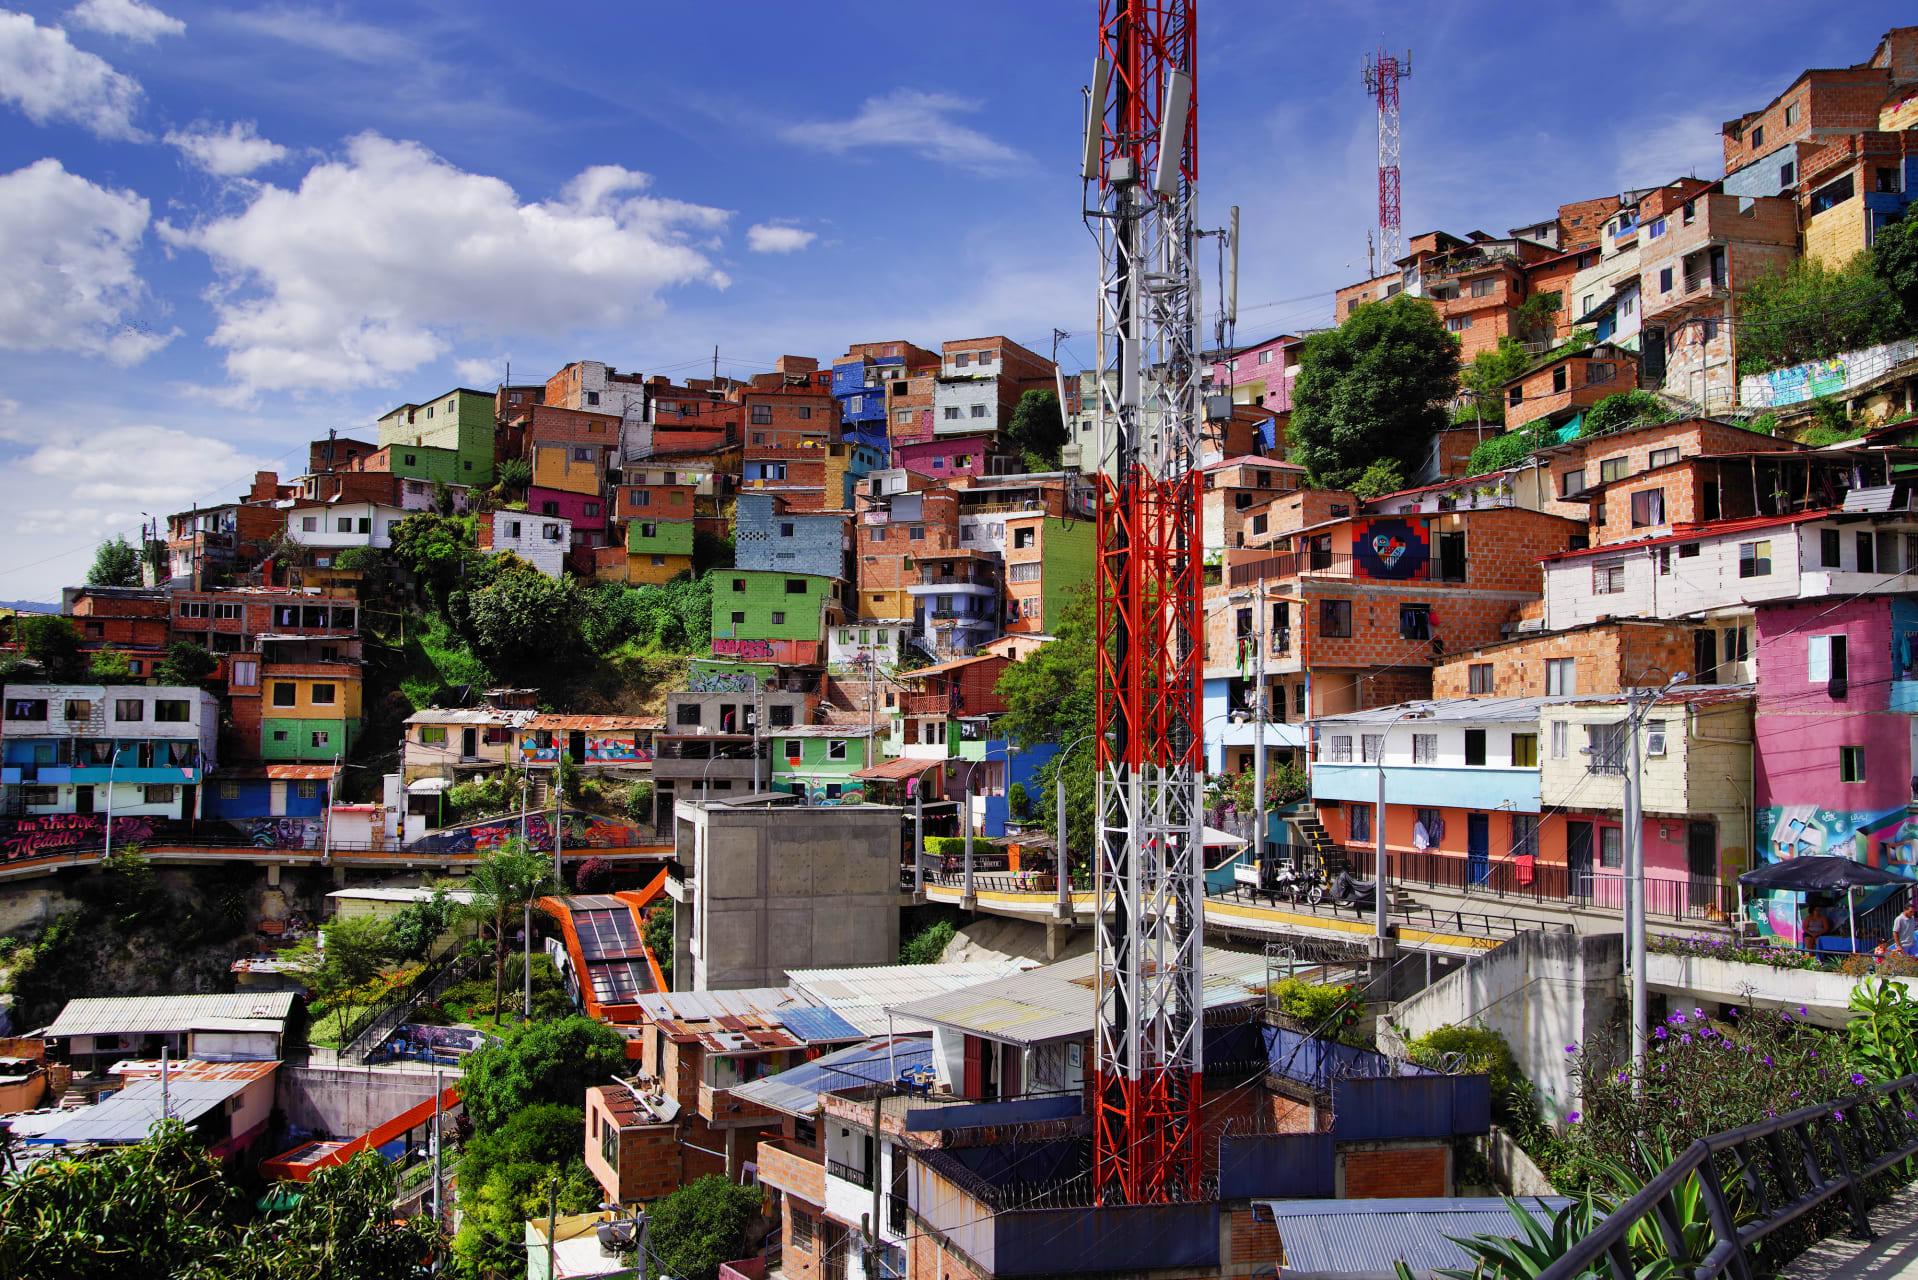 Medellín - Medellín - Hip Hop Atmosphere at Comuna 13